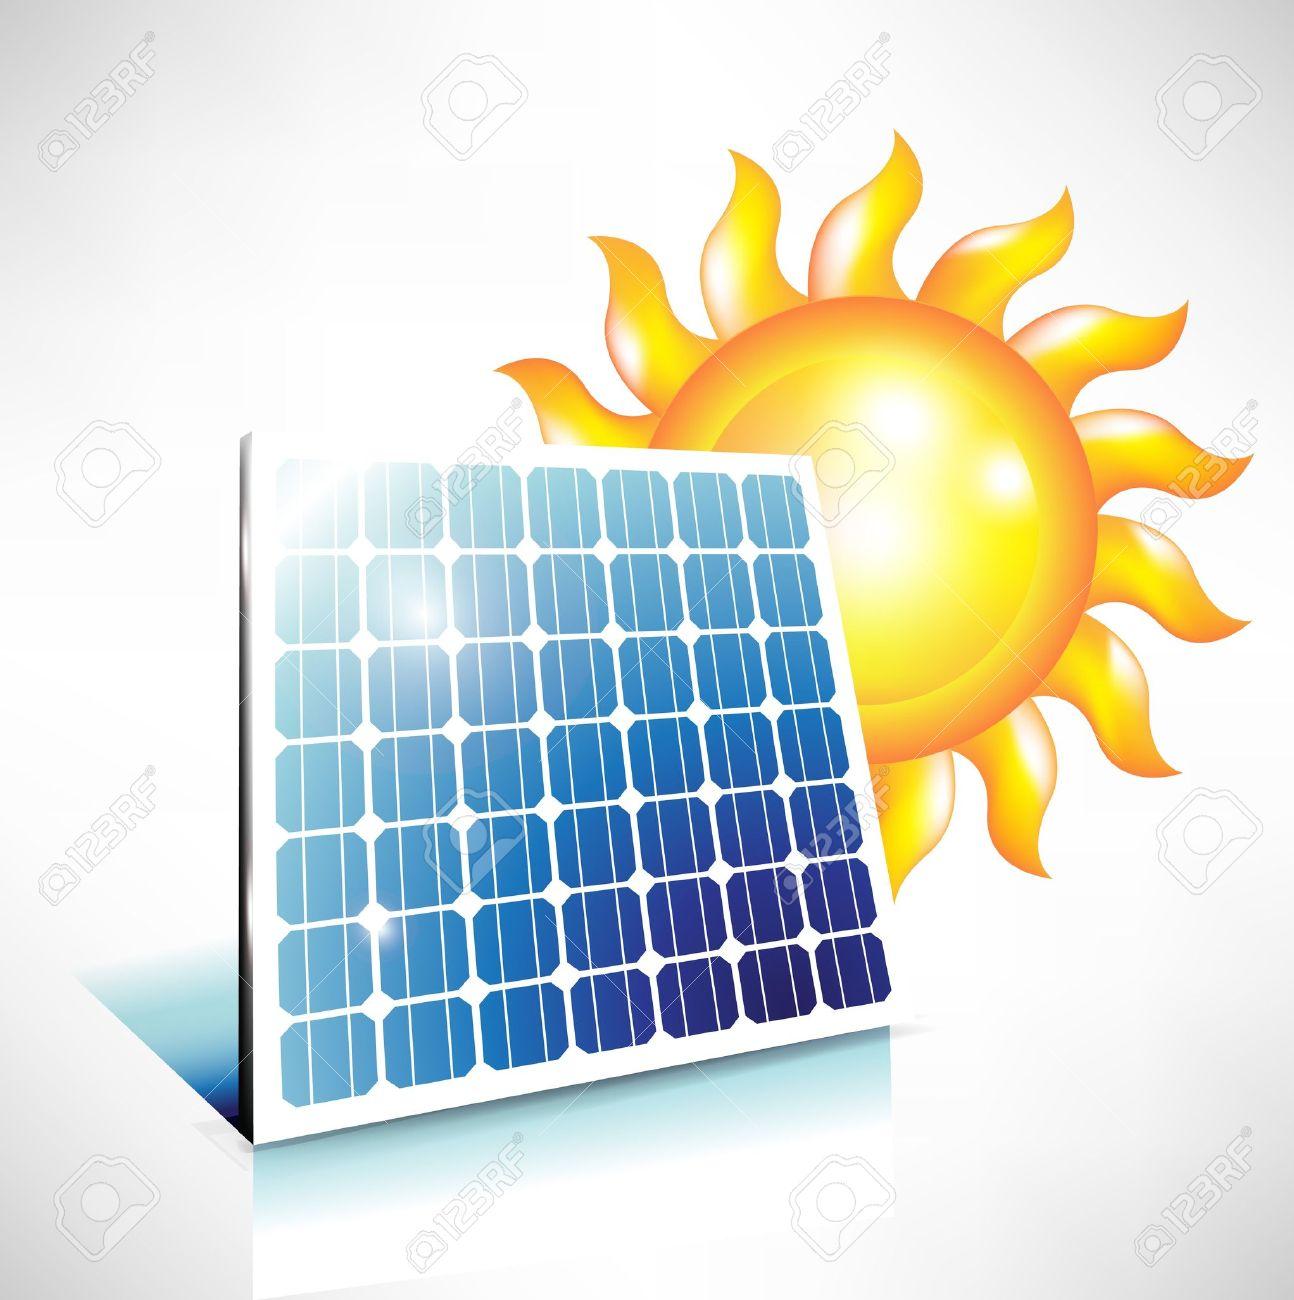 Alternativa Di Energia Solare; Icona Del Pannello Solare Clipart.